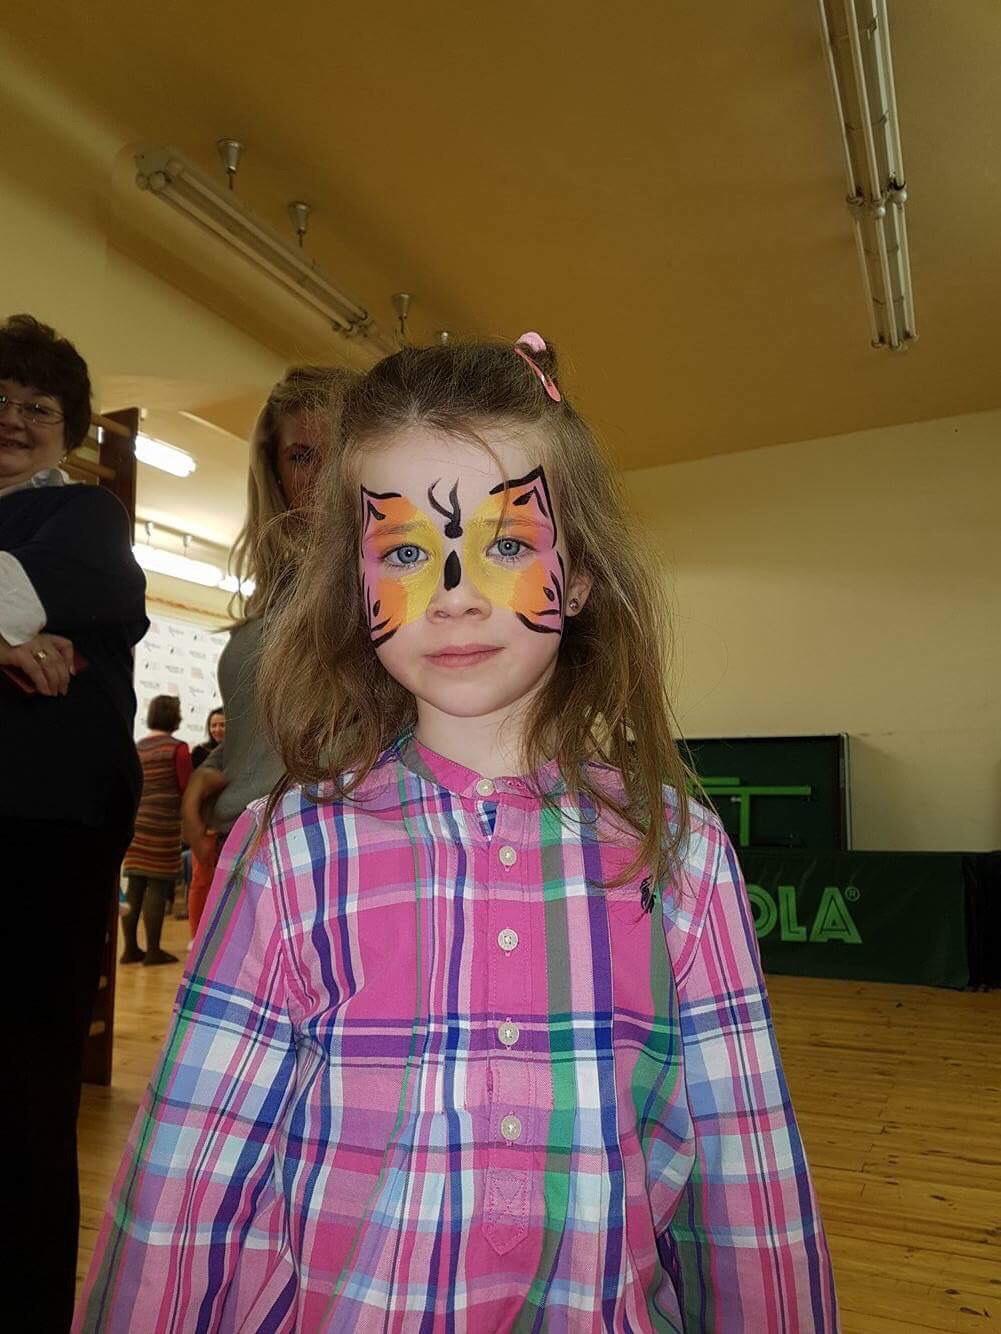 Pillangó kisasszony :)